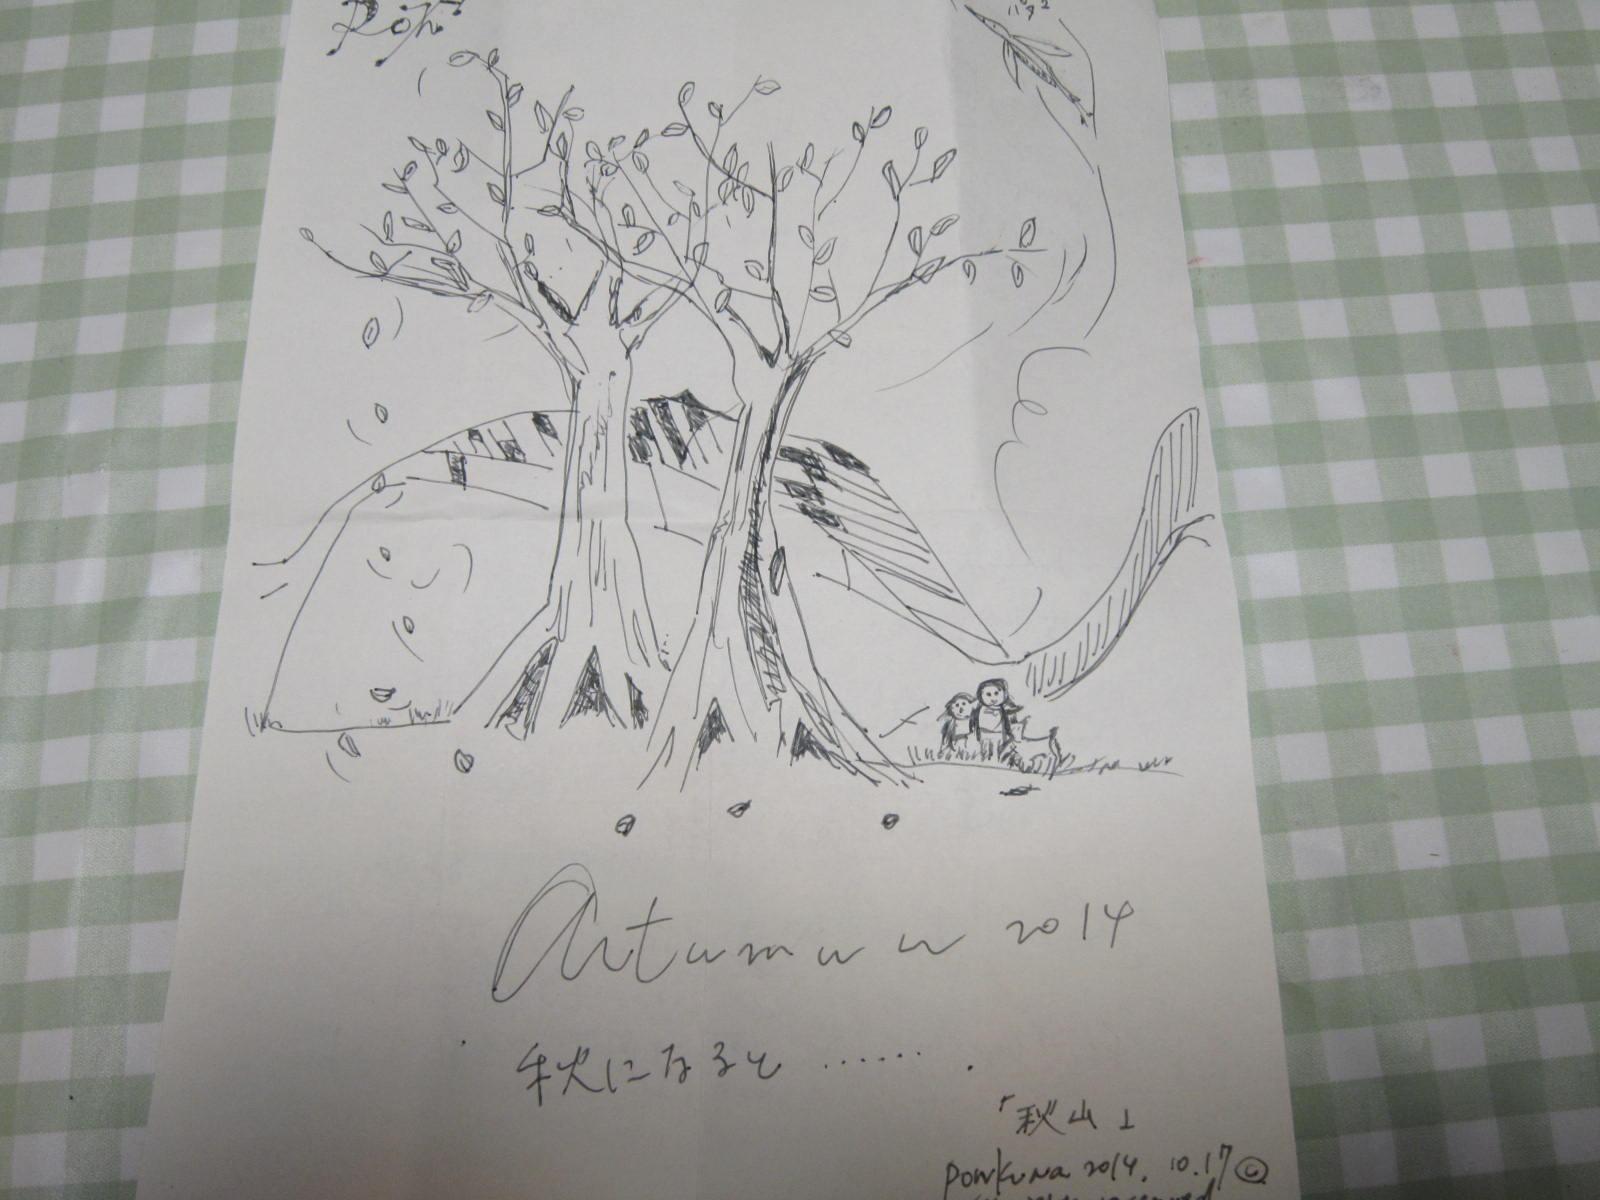 ぽんさんの落書きコーナー2014_d0261282_7165086.jpg